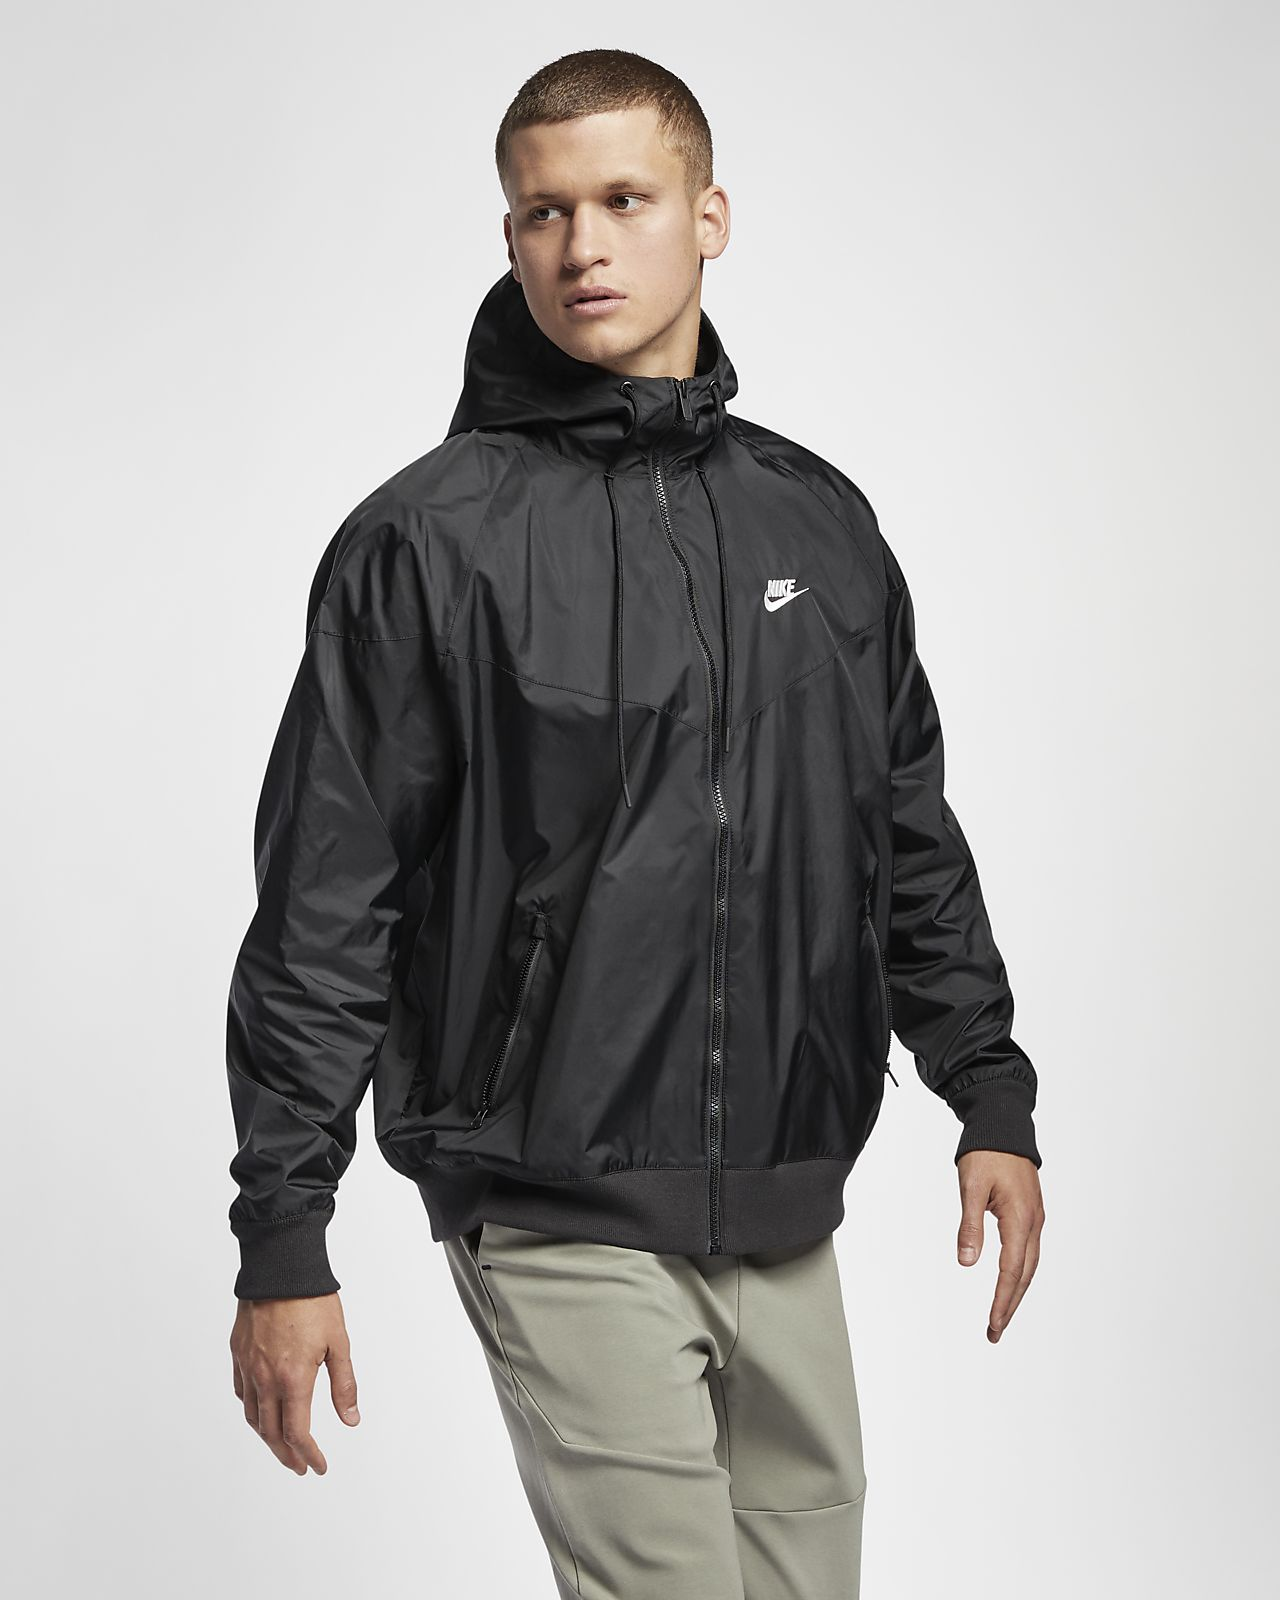 Kurtka przeciwwiatrowa z kapturem Nike Sportswear Windrunner